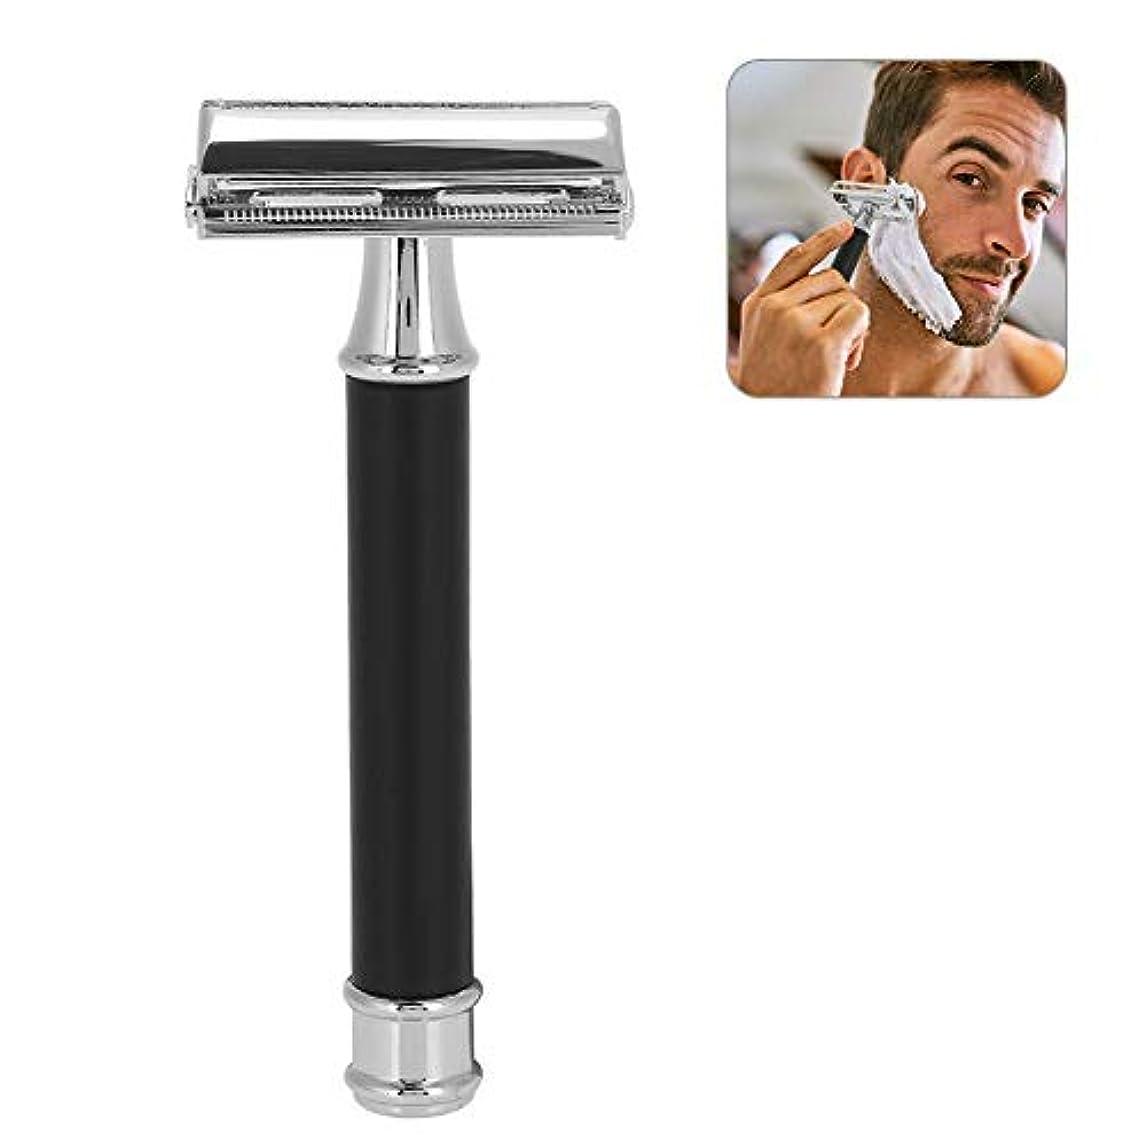 離れてエンターテインメント病気両刃カミソリホルダー メンズシェーバー クラシックレイザー 脱毛器 剃刀 手動 交換可能なブレード 両面ナイフ